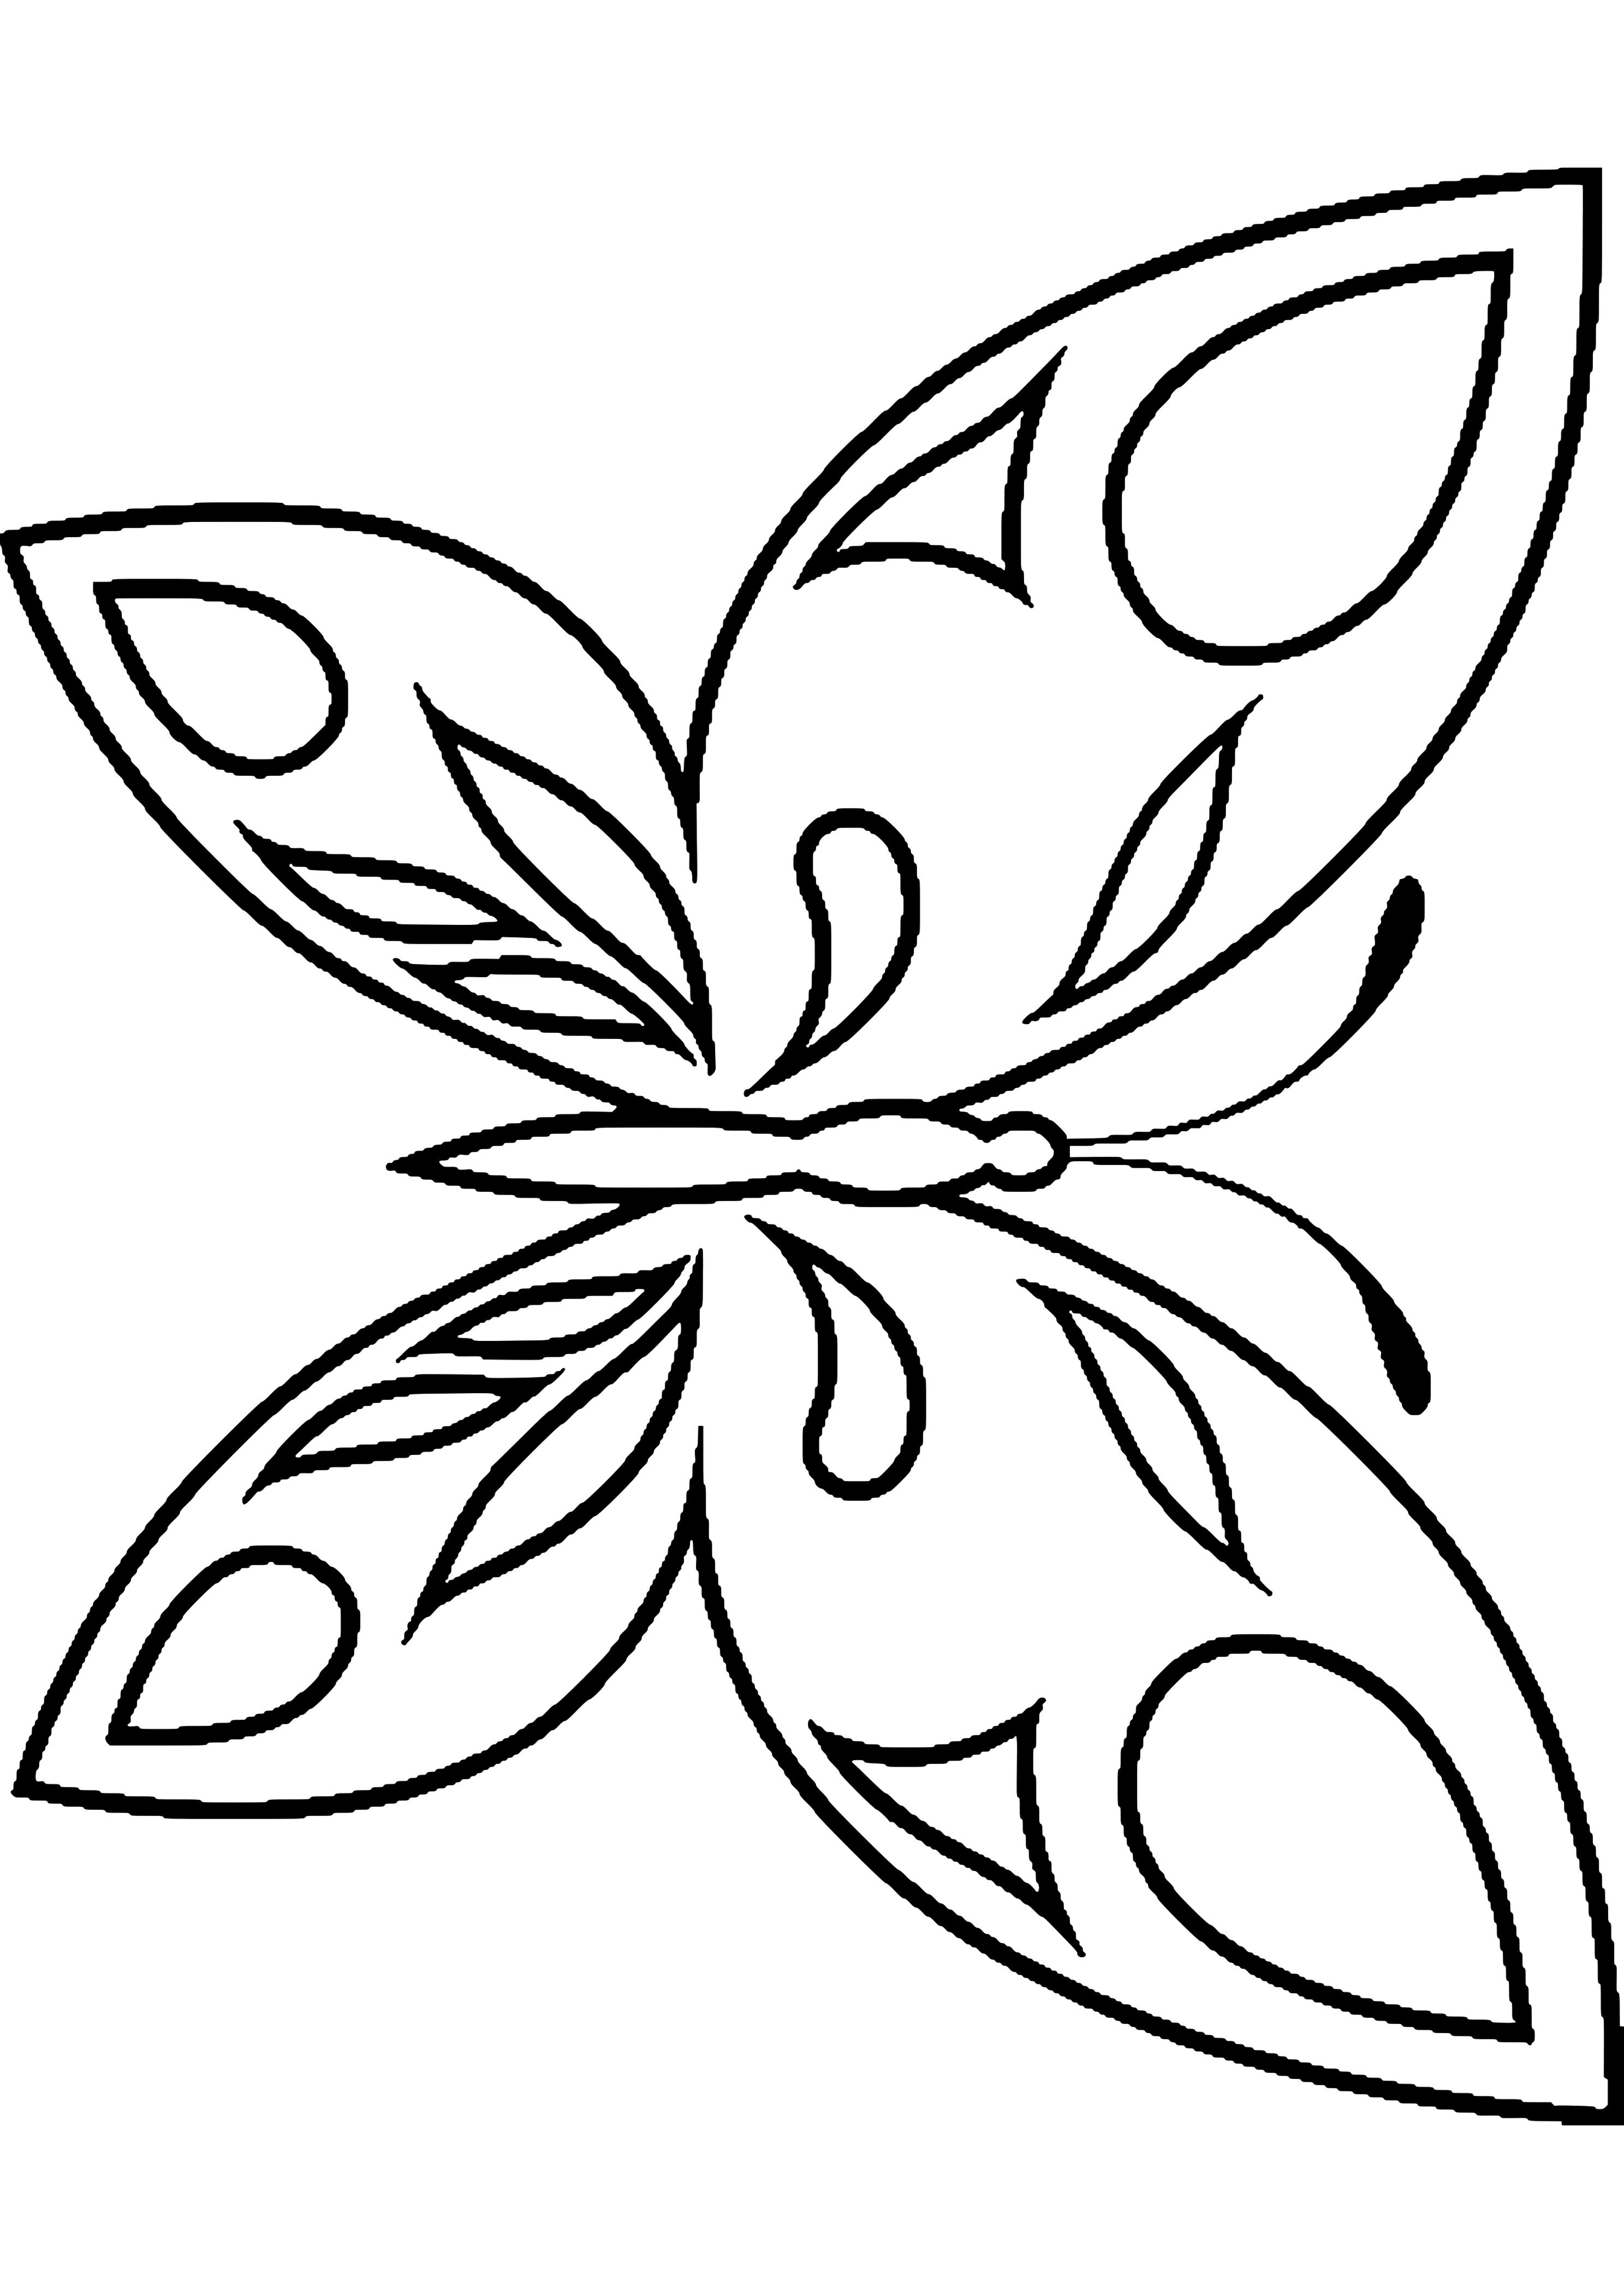 Kinder Malvorlagen Schmetterling - Kinder Ausmalbilder